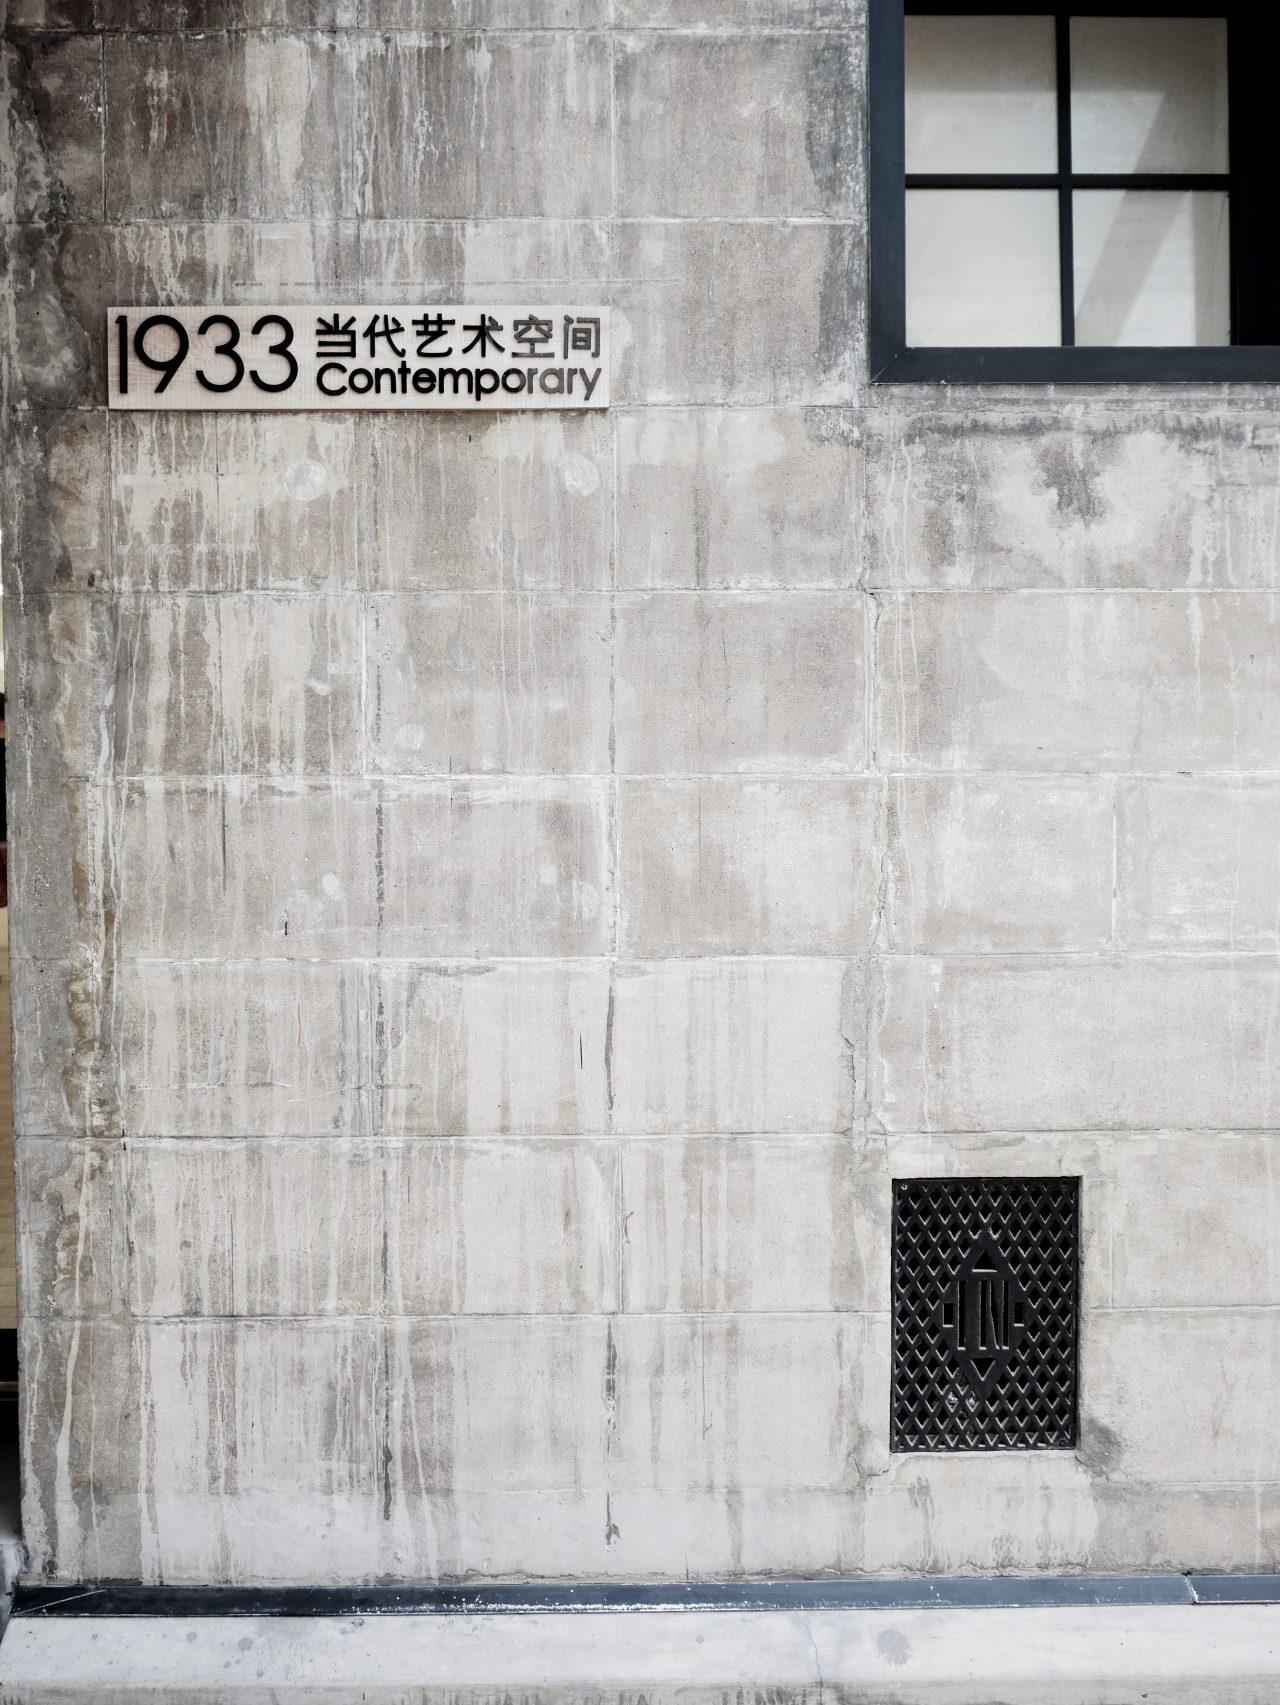 Shanghai 1933